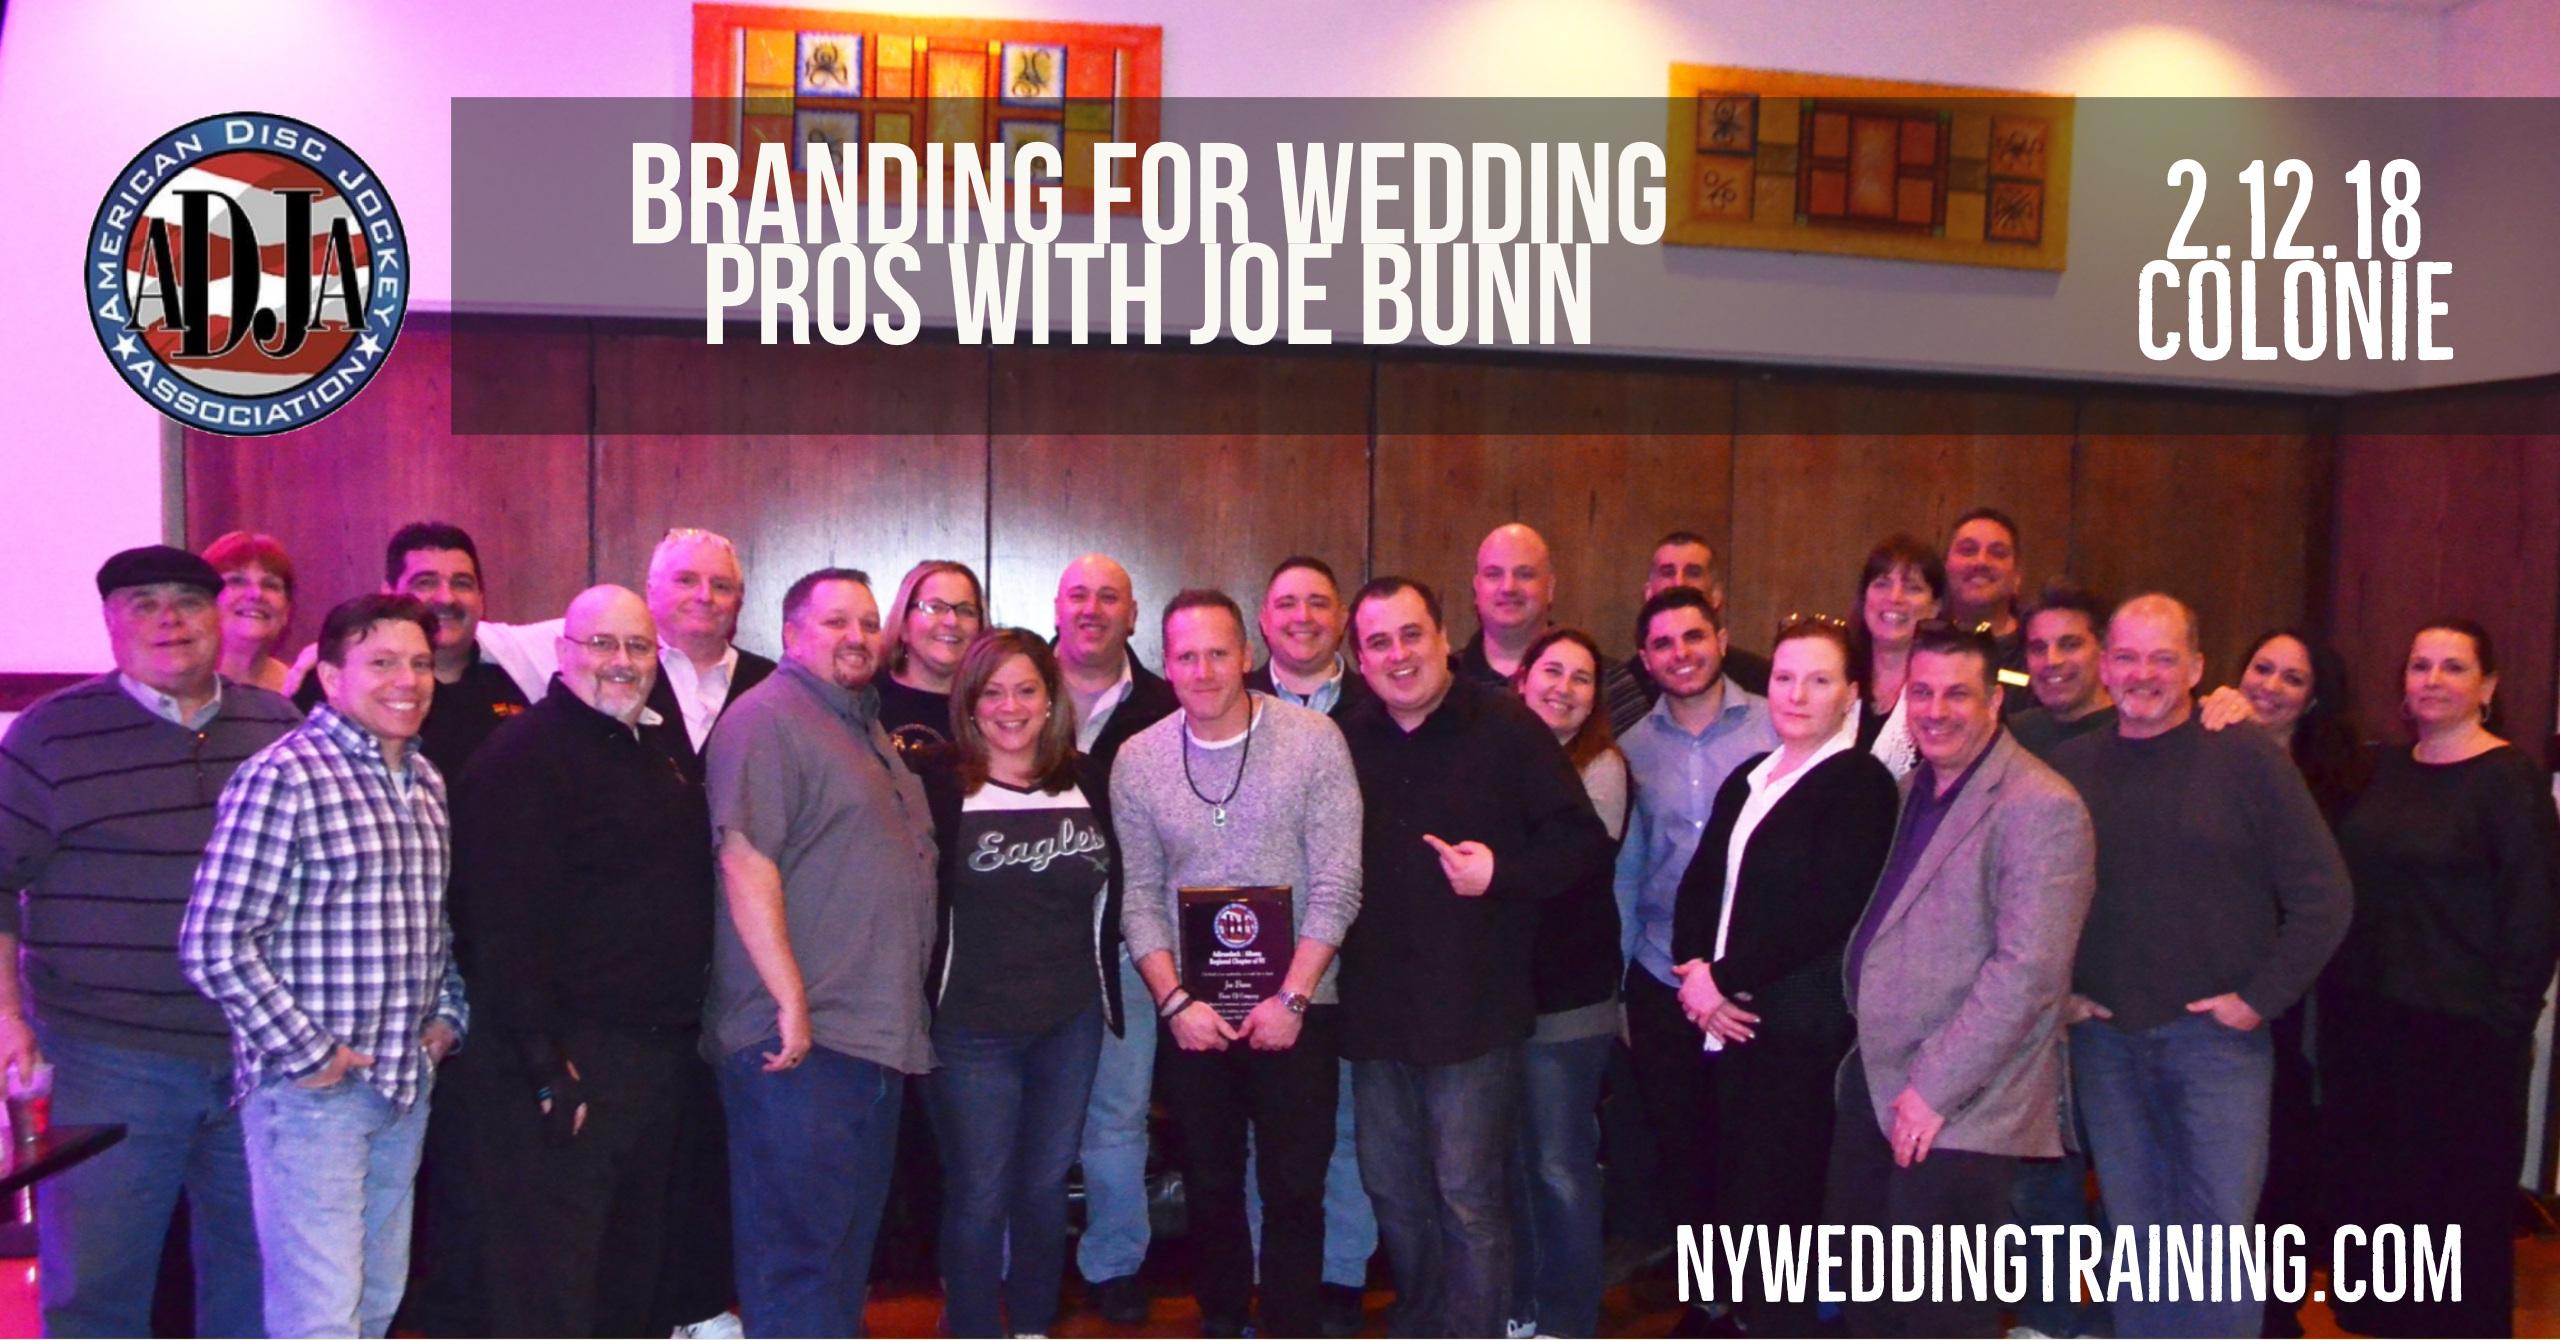 2.12.18 AWP branding training